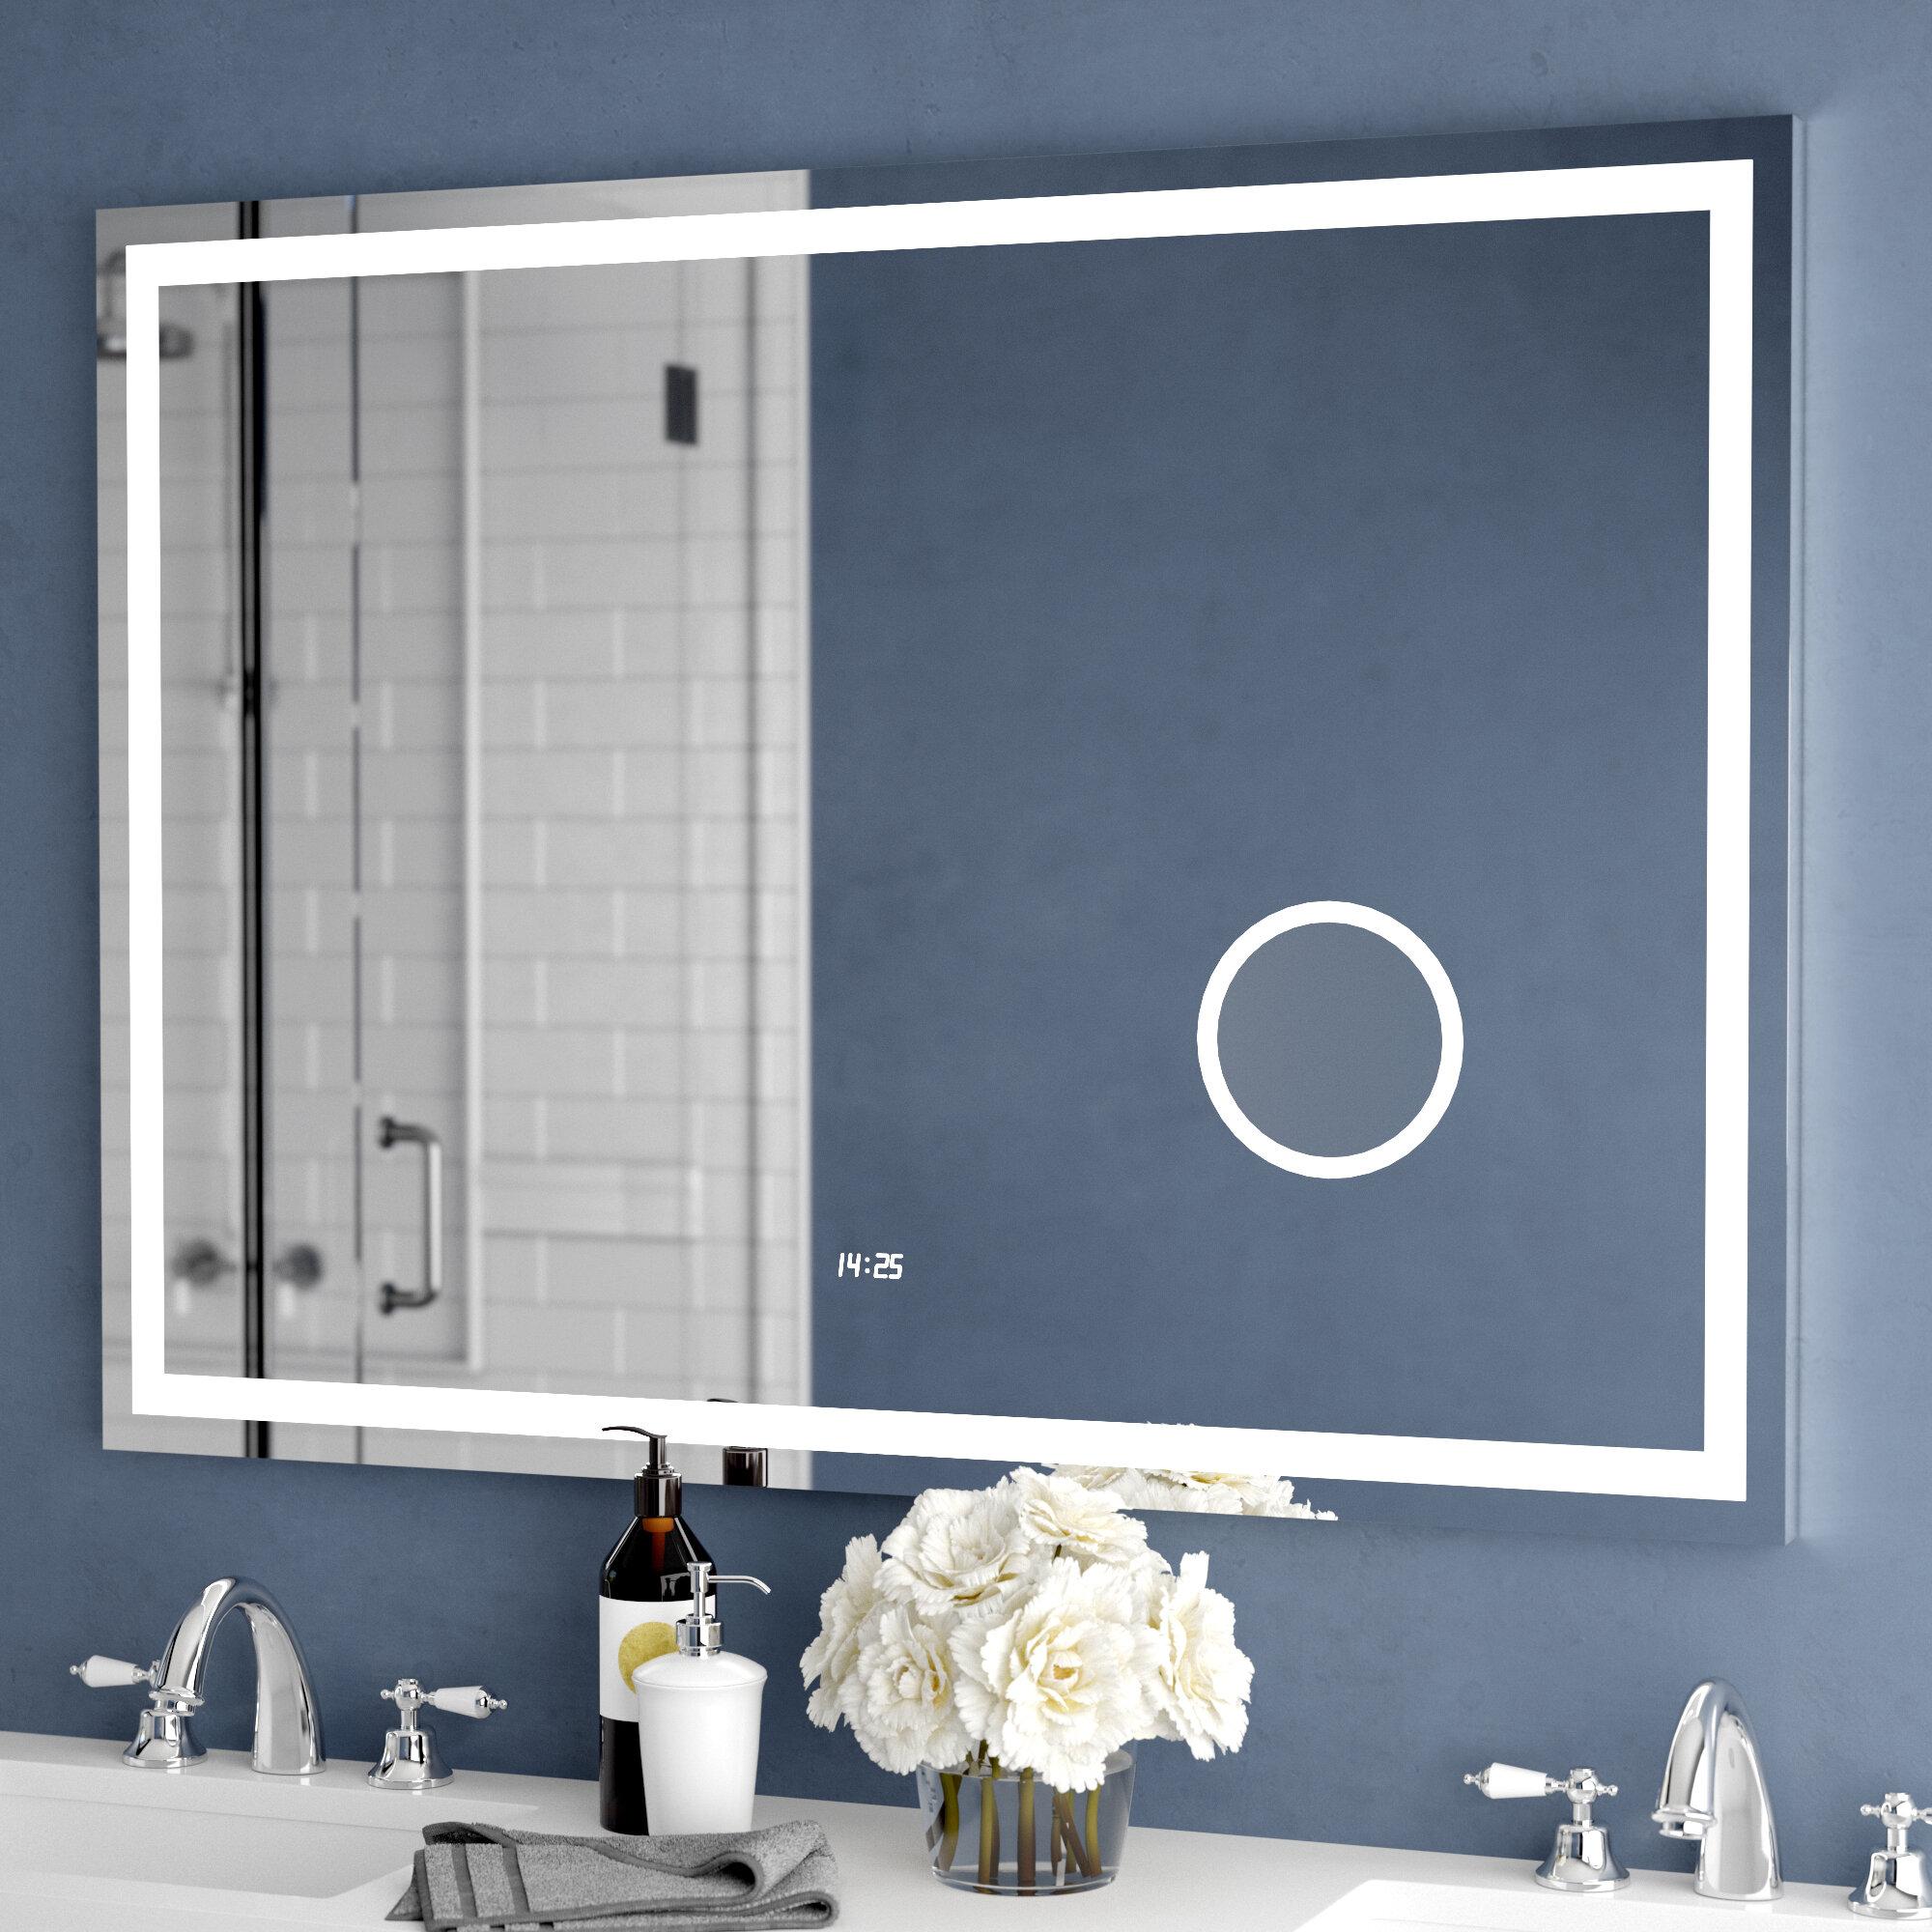 Orren Ellis Electric With Clock Bathroom Vanity Mirror Reviews Wayfair